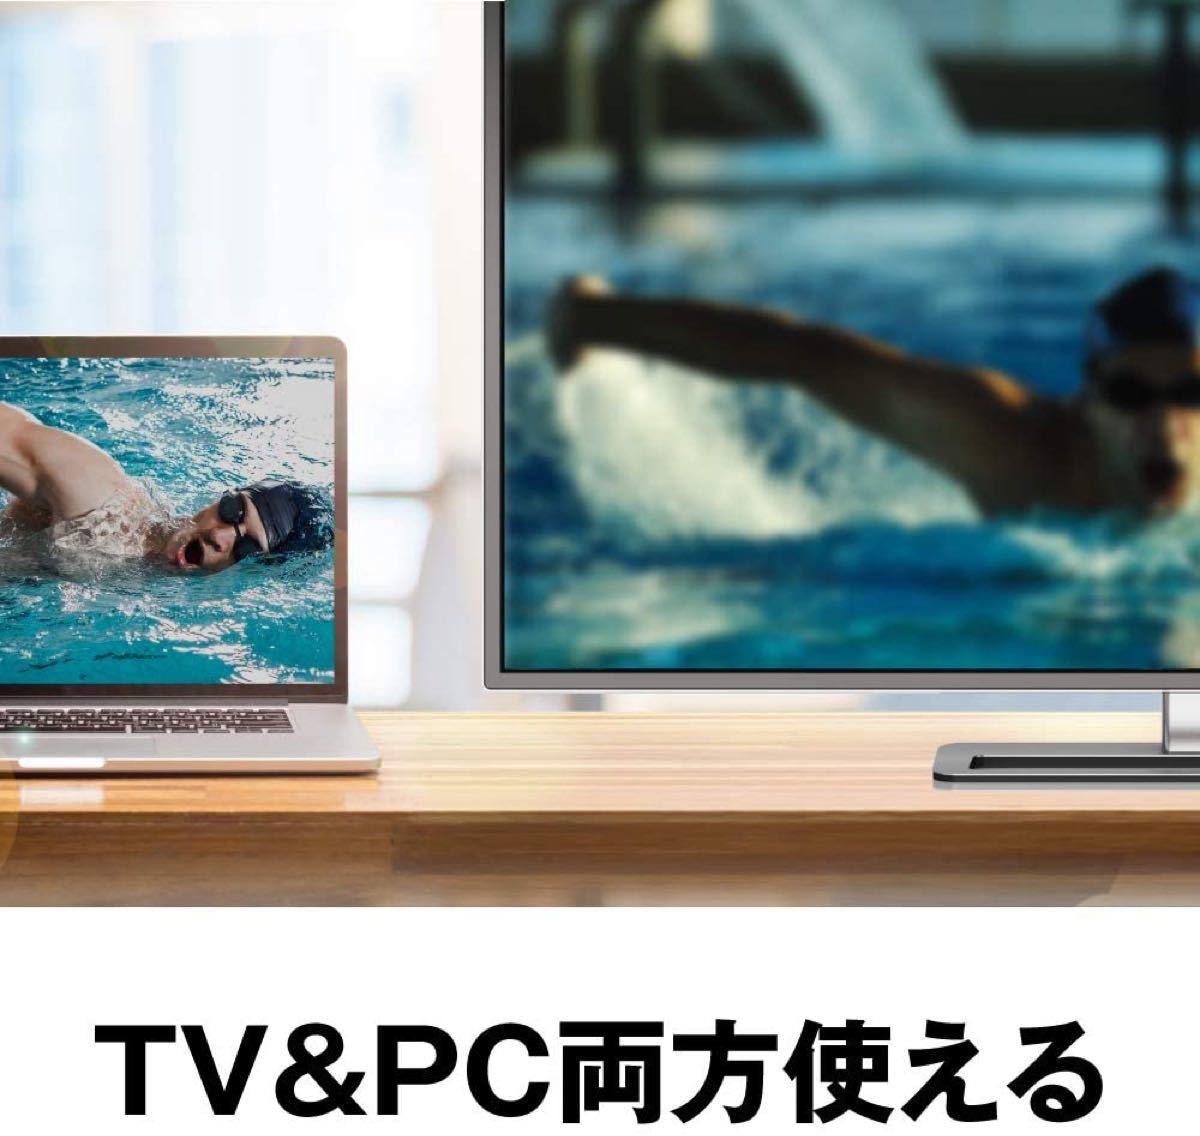 美品★BUFFALO 3TB 外付けHDD★TV録画&レコーダー/PC(Win/mac)対応 静音/防振/放熱設計 縦&横置き可